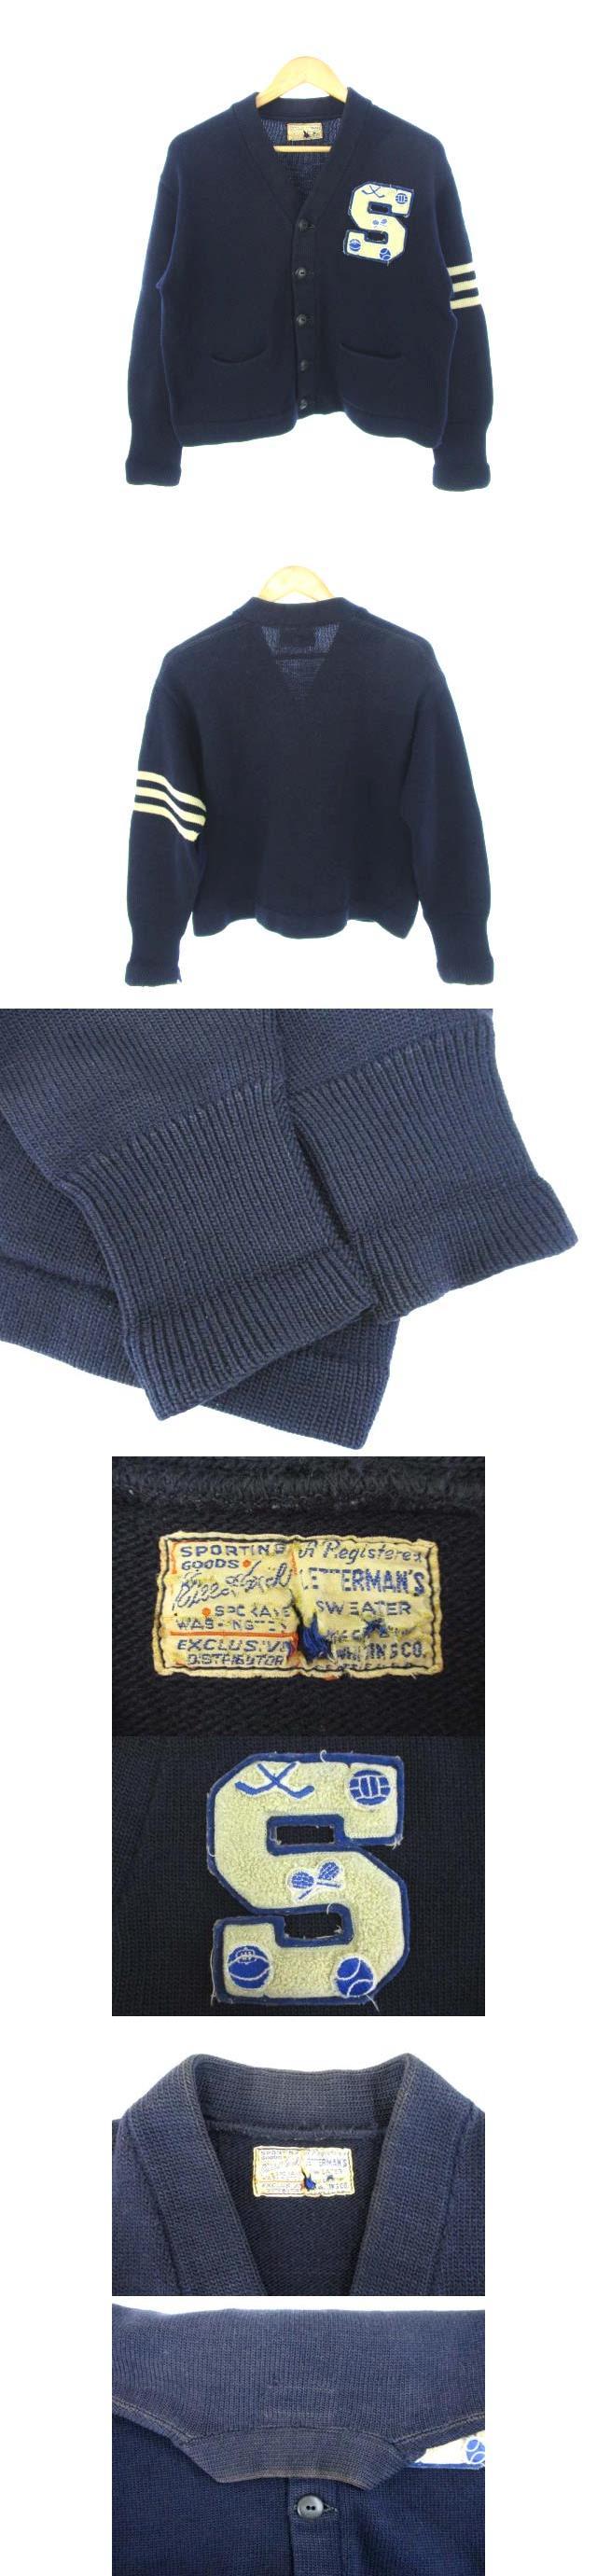 ホワイティング Whiting 40's 50's レタード カーディガン USA製 ニット ワッペン 紺 ダークネイビー